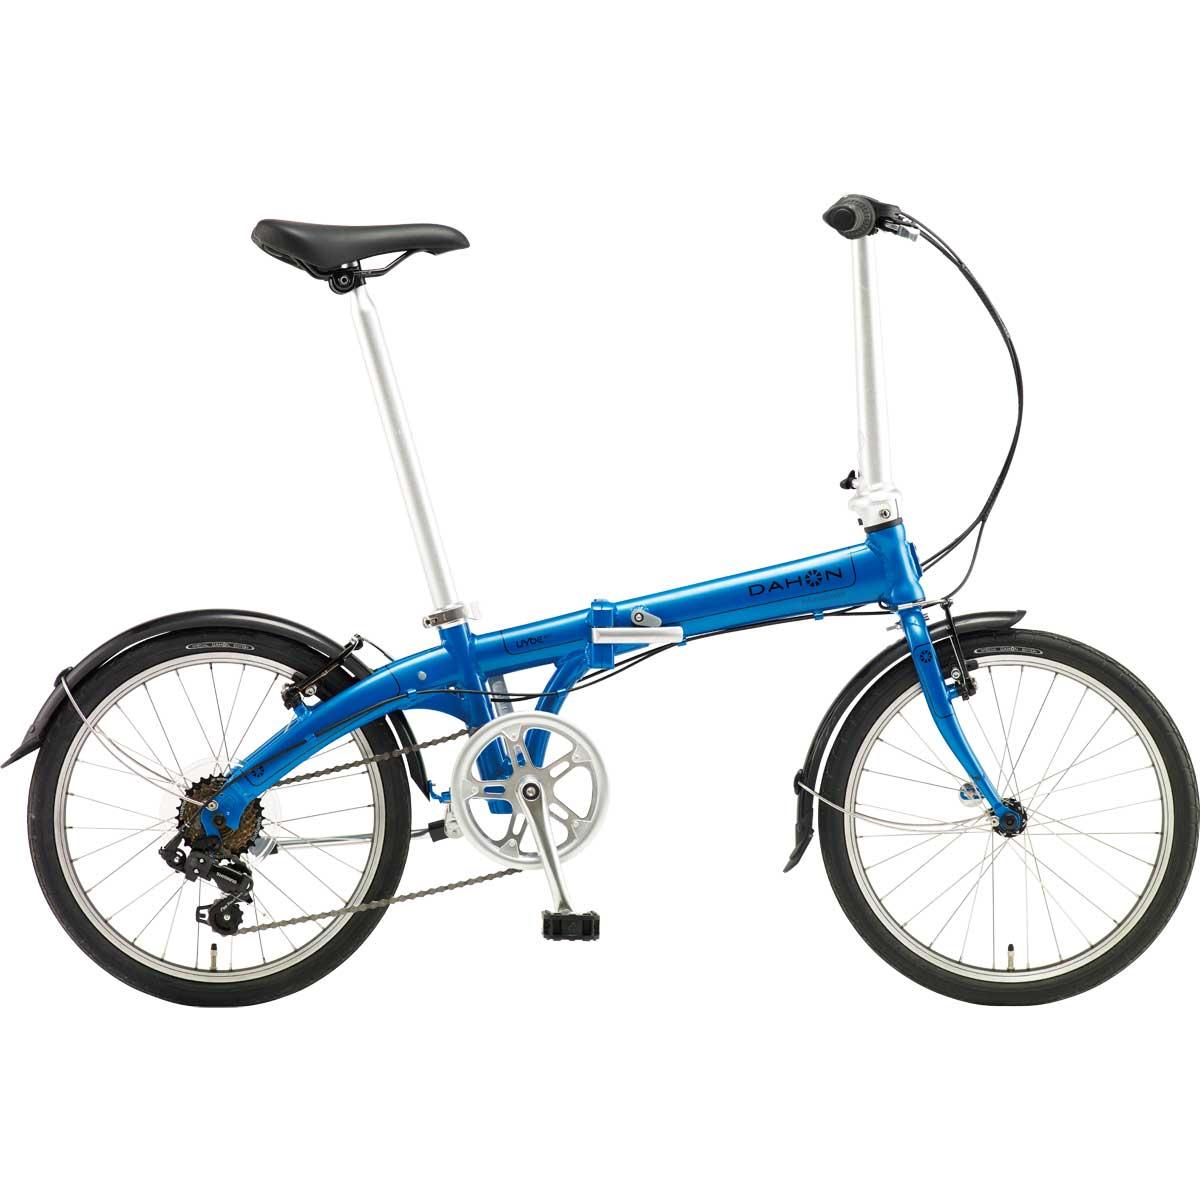 DAHON/ダホン Vybe D7 ヴァイブ D7 アクアブルー(9005) 折りたたみ自転車 自転車本体